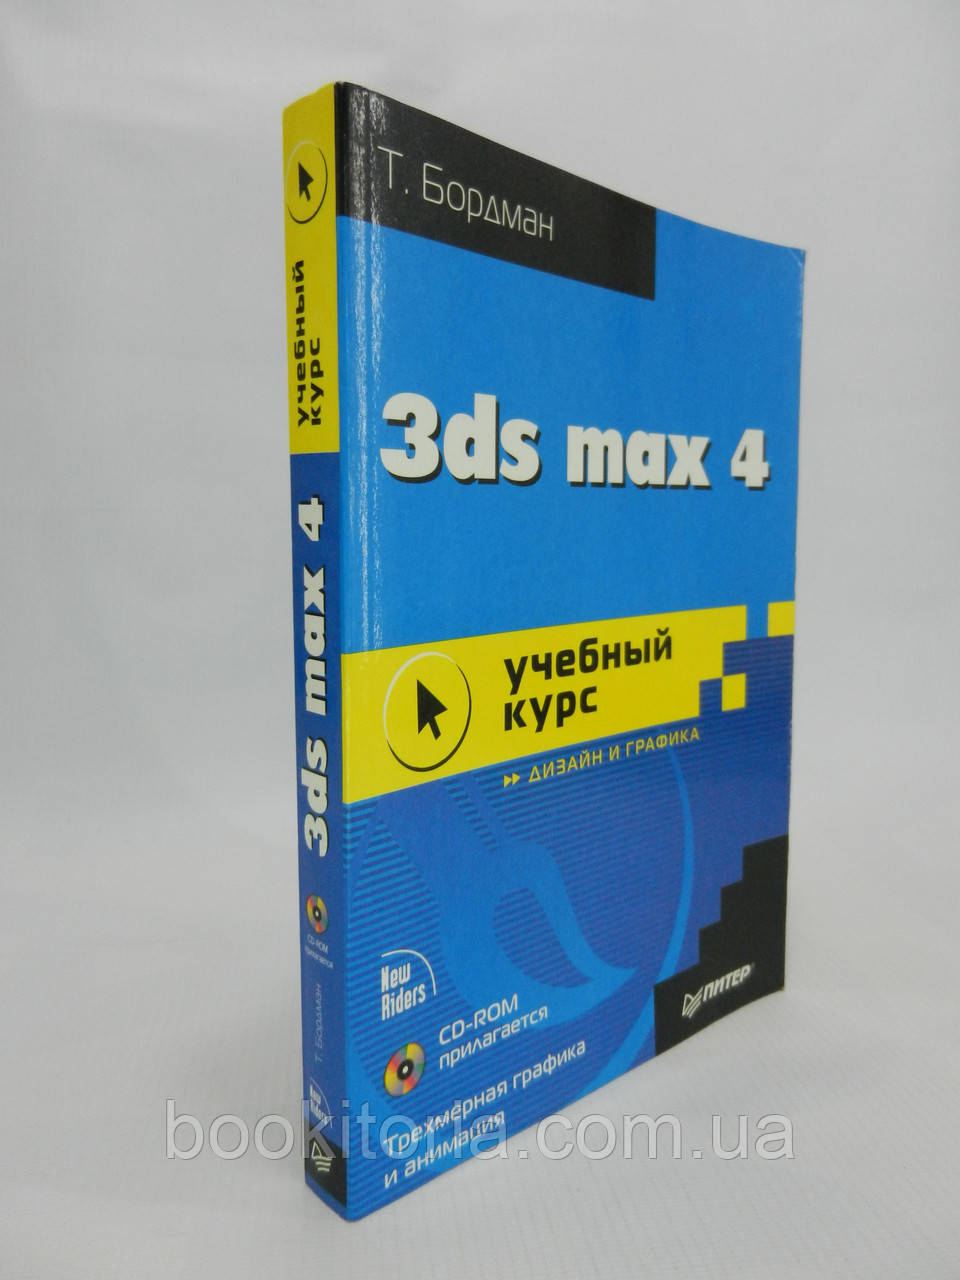 Бордман Т. 3ds max 4 (б/у).